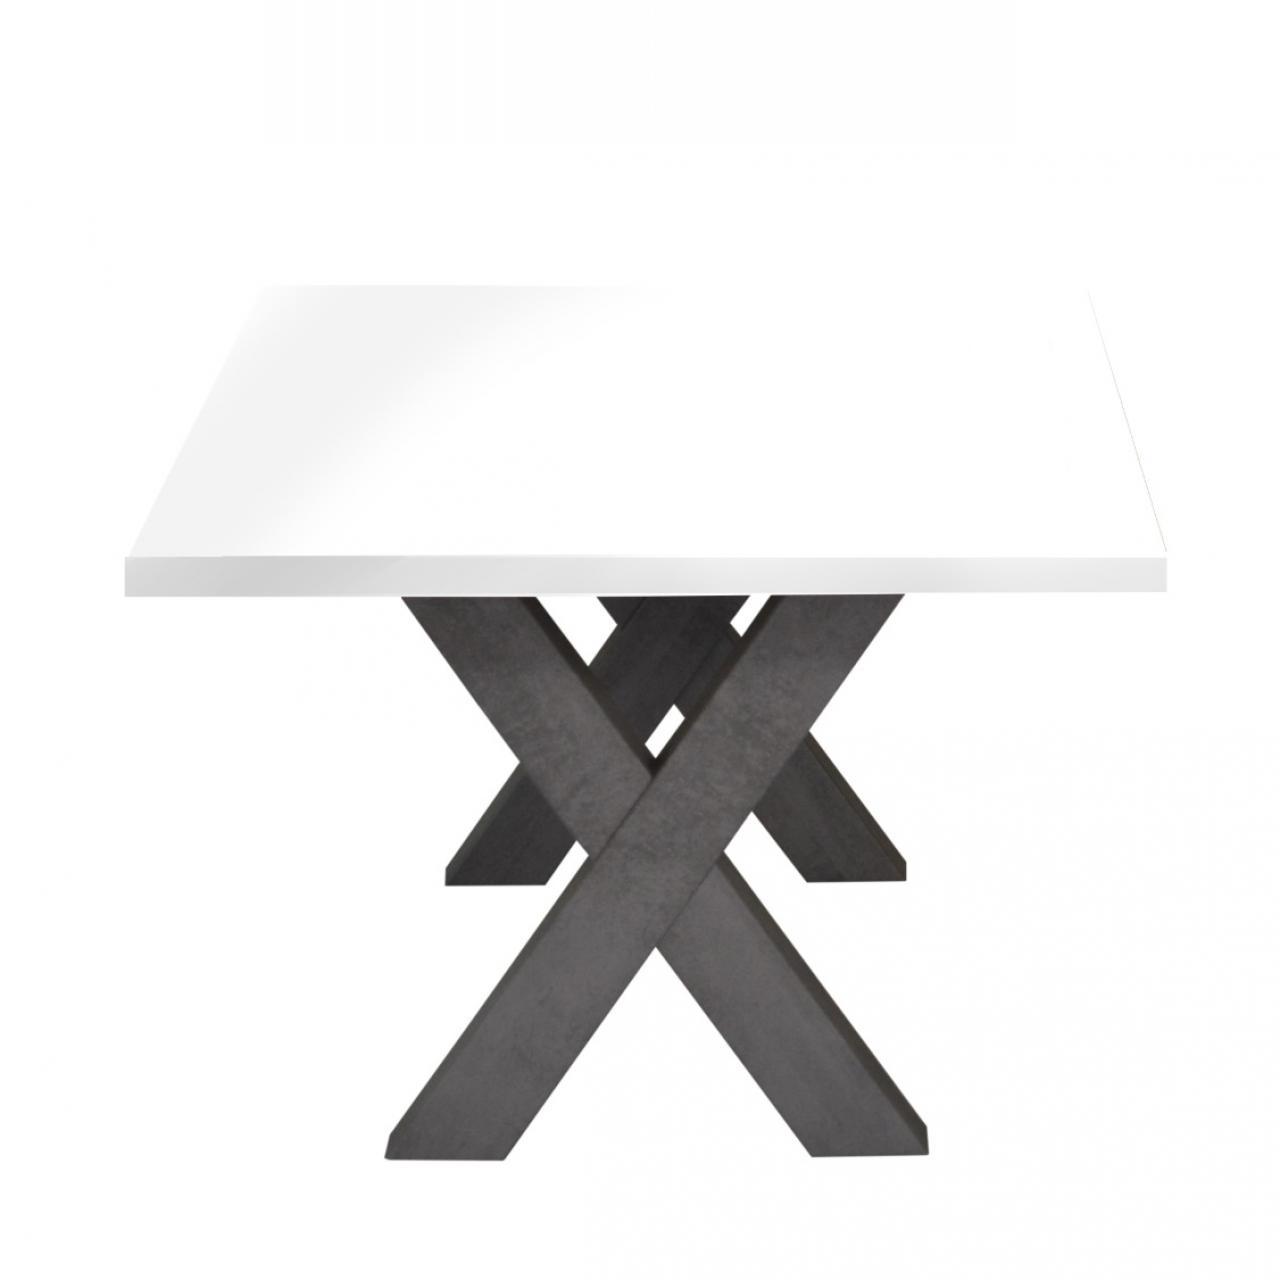 Couchtisch Mister X Couchtische Wohnzimmermobel Wohnen Mobel